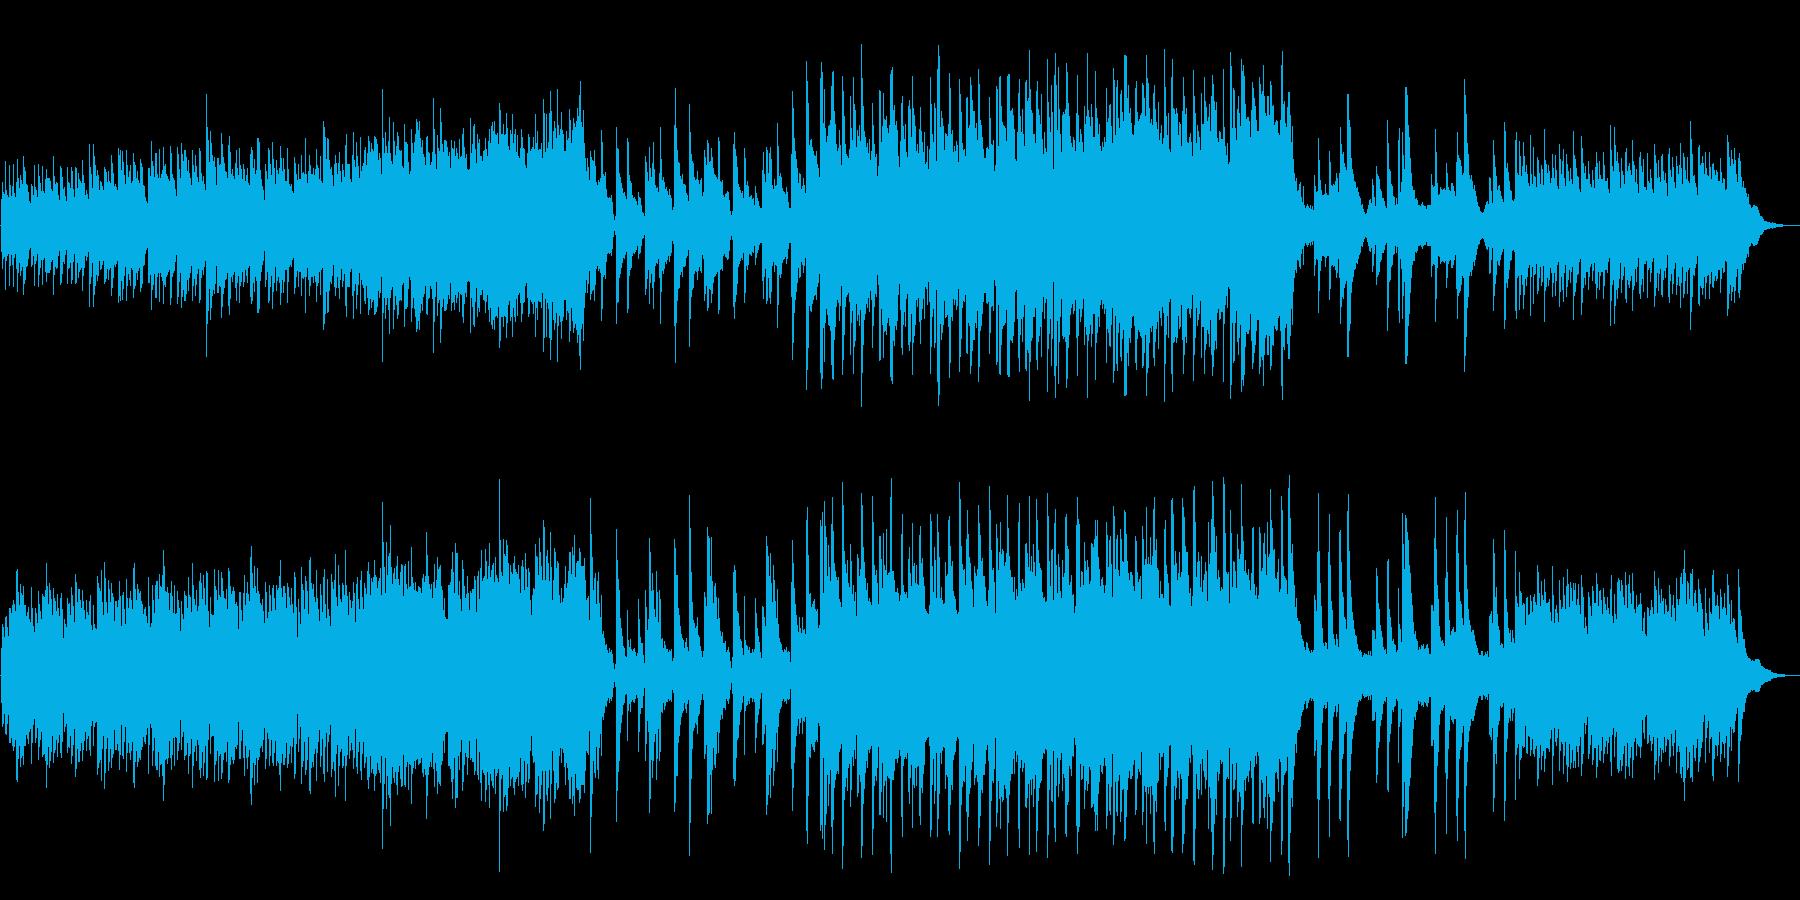 [和風]民族楽器 幻想 森 自然 ピアノの再生済みの波形